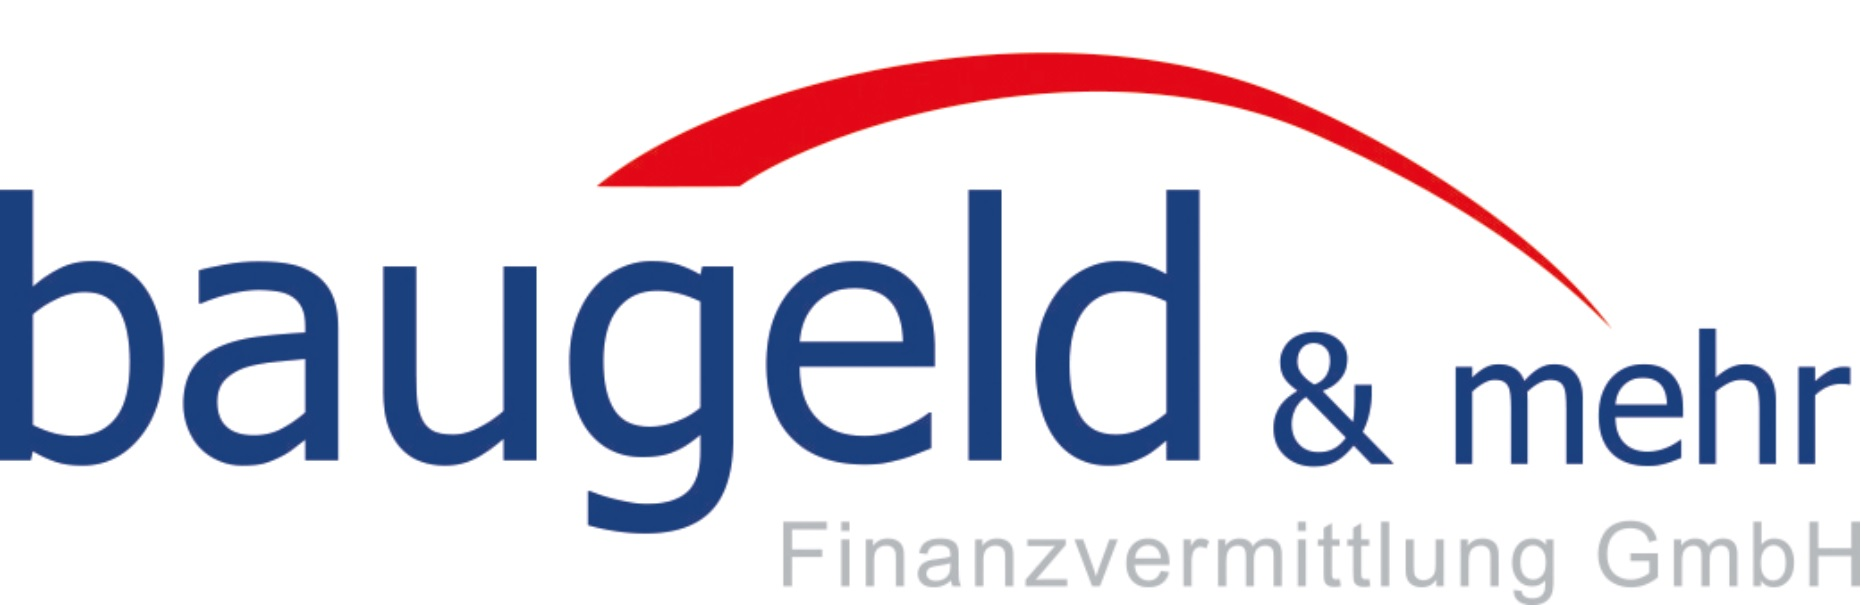 baugeld & mehr Finanzvermittlung GmbH - Ihre Finanzierungsprofis